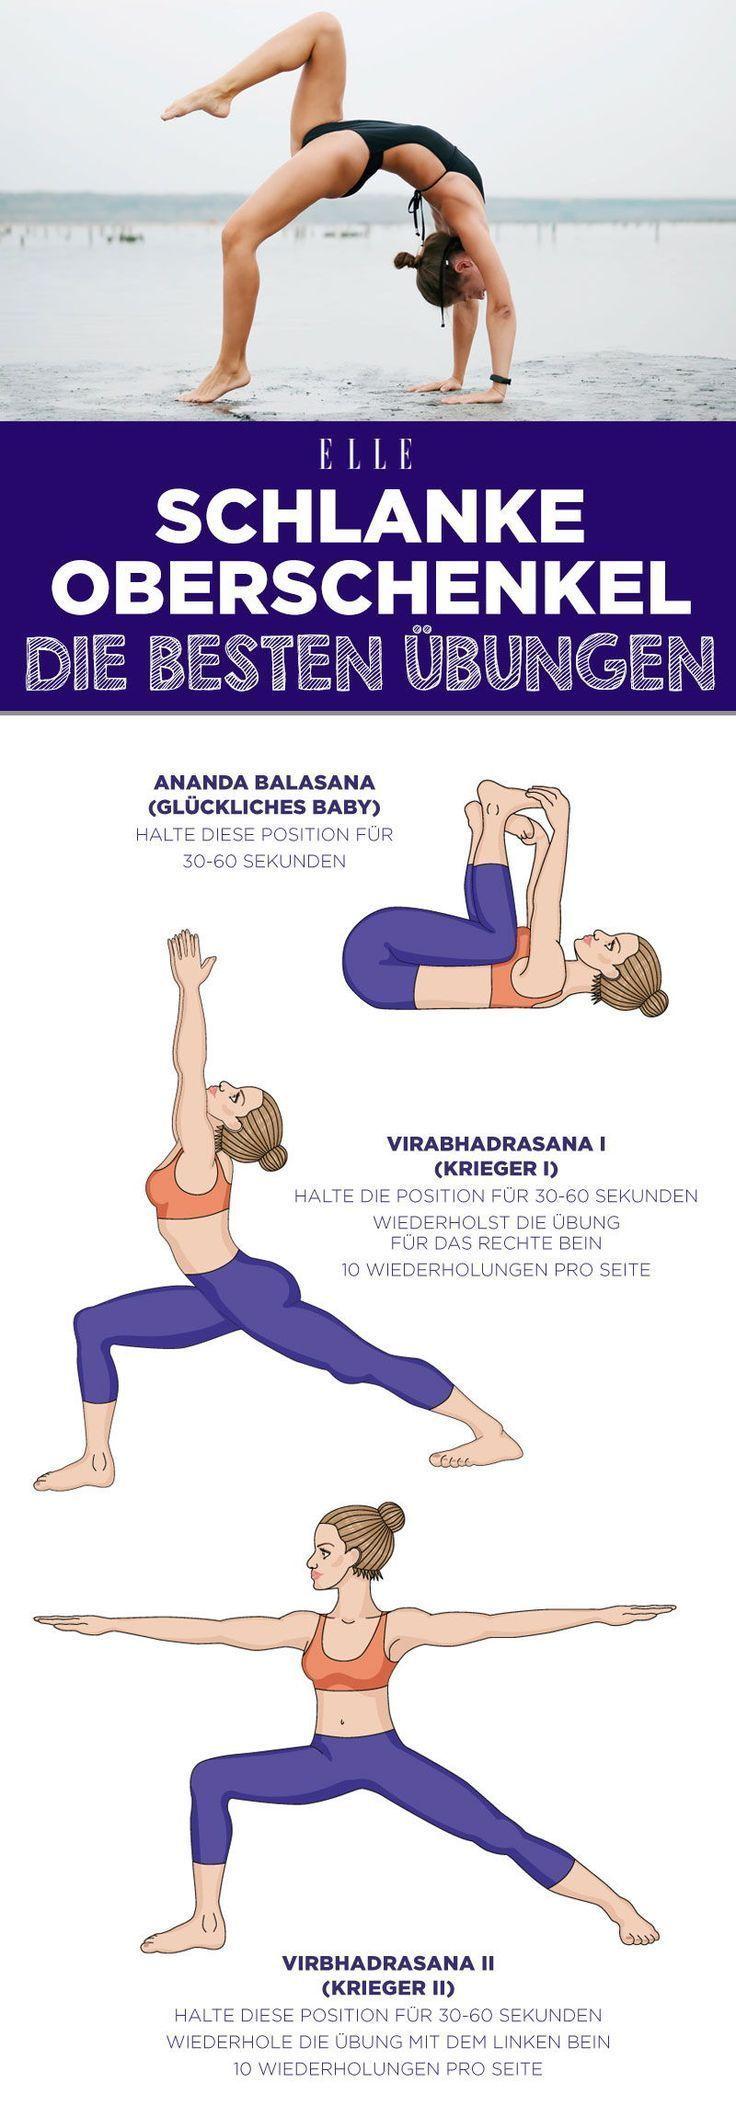 Schlanke Oberschenkel: 3 einfache Yoga-�bungen, die sofort helfen #beine #oberschenkel #training #sc...